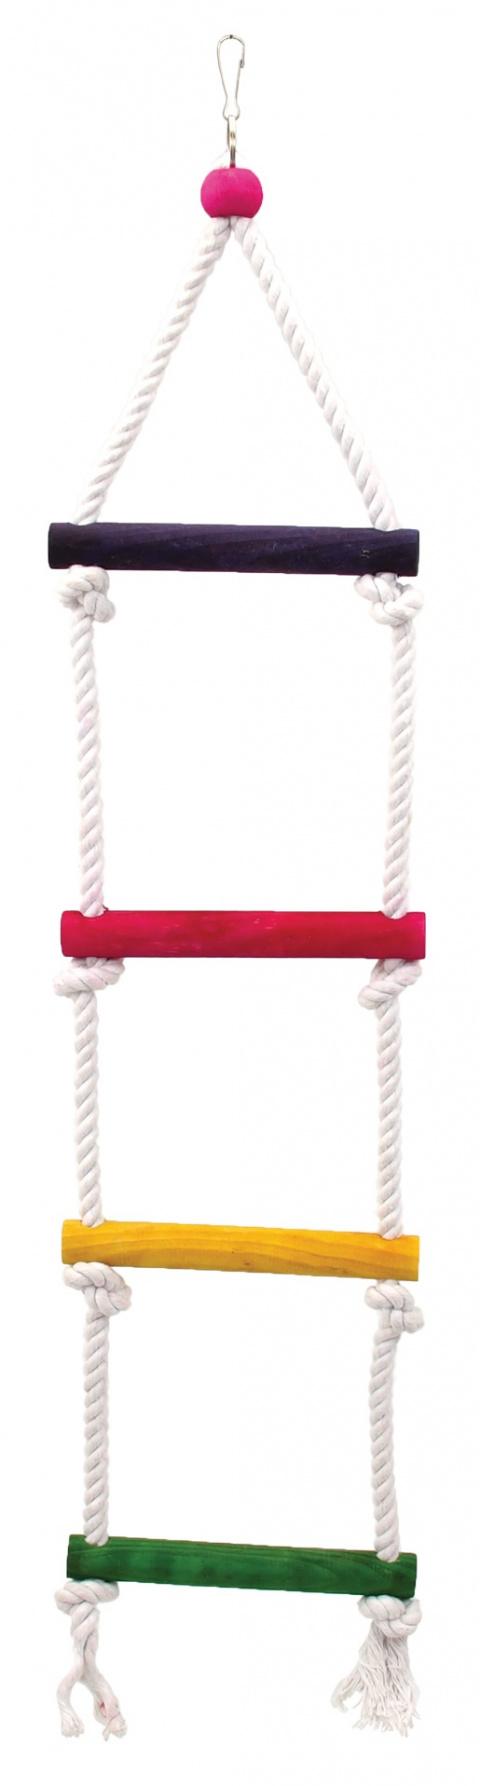 Игрушка для птиц - BIRD JEWEL Лесенка для птиц 60 cm